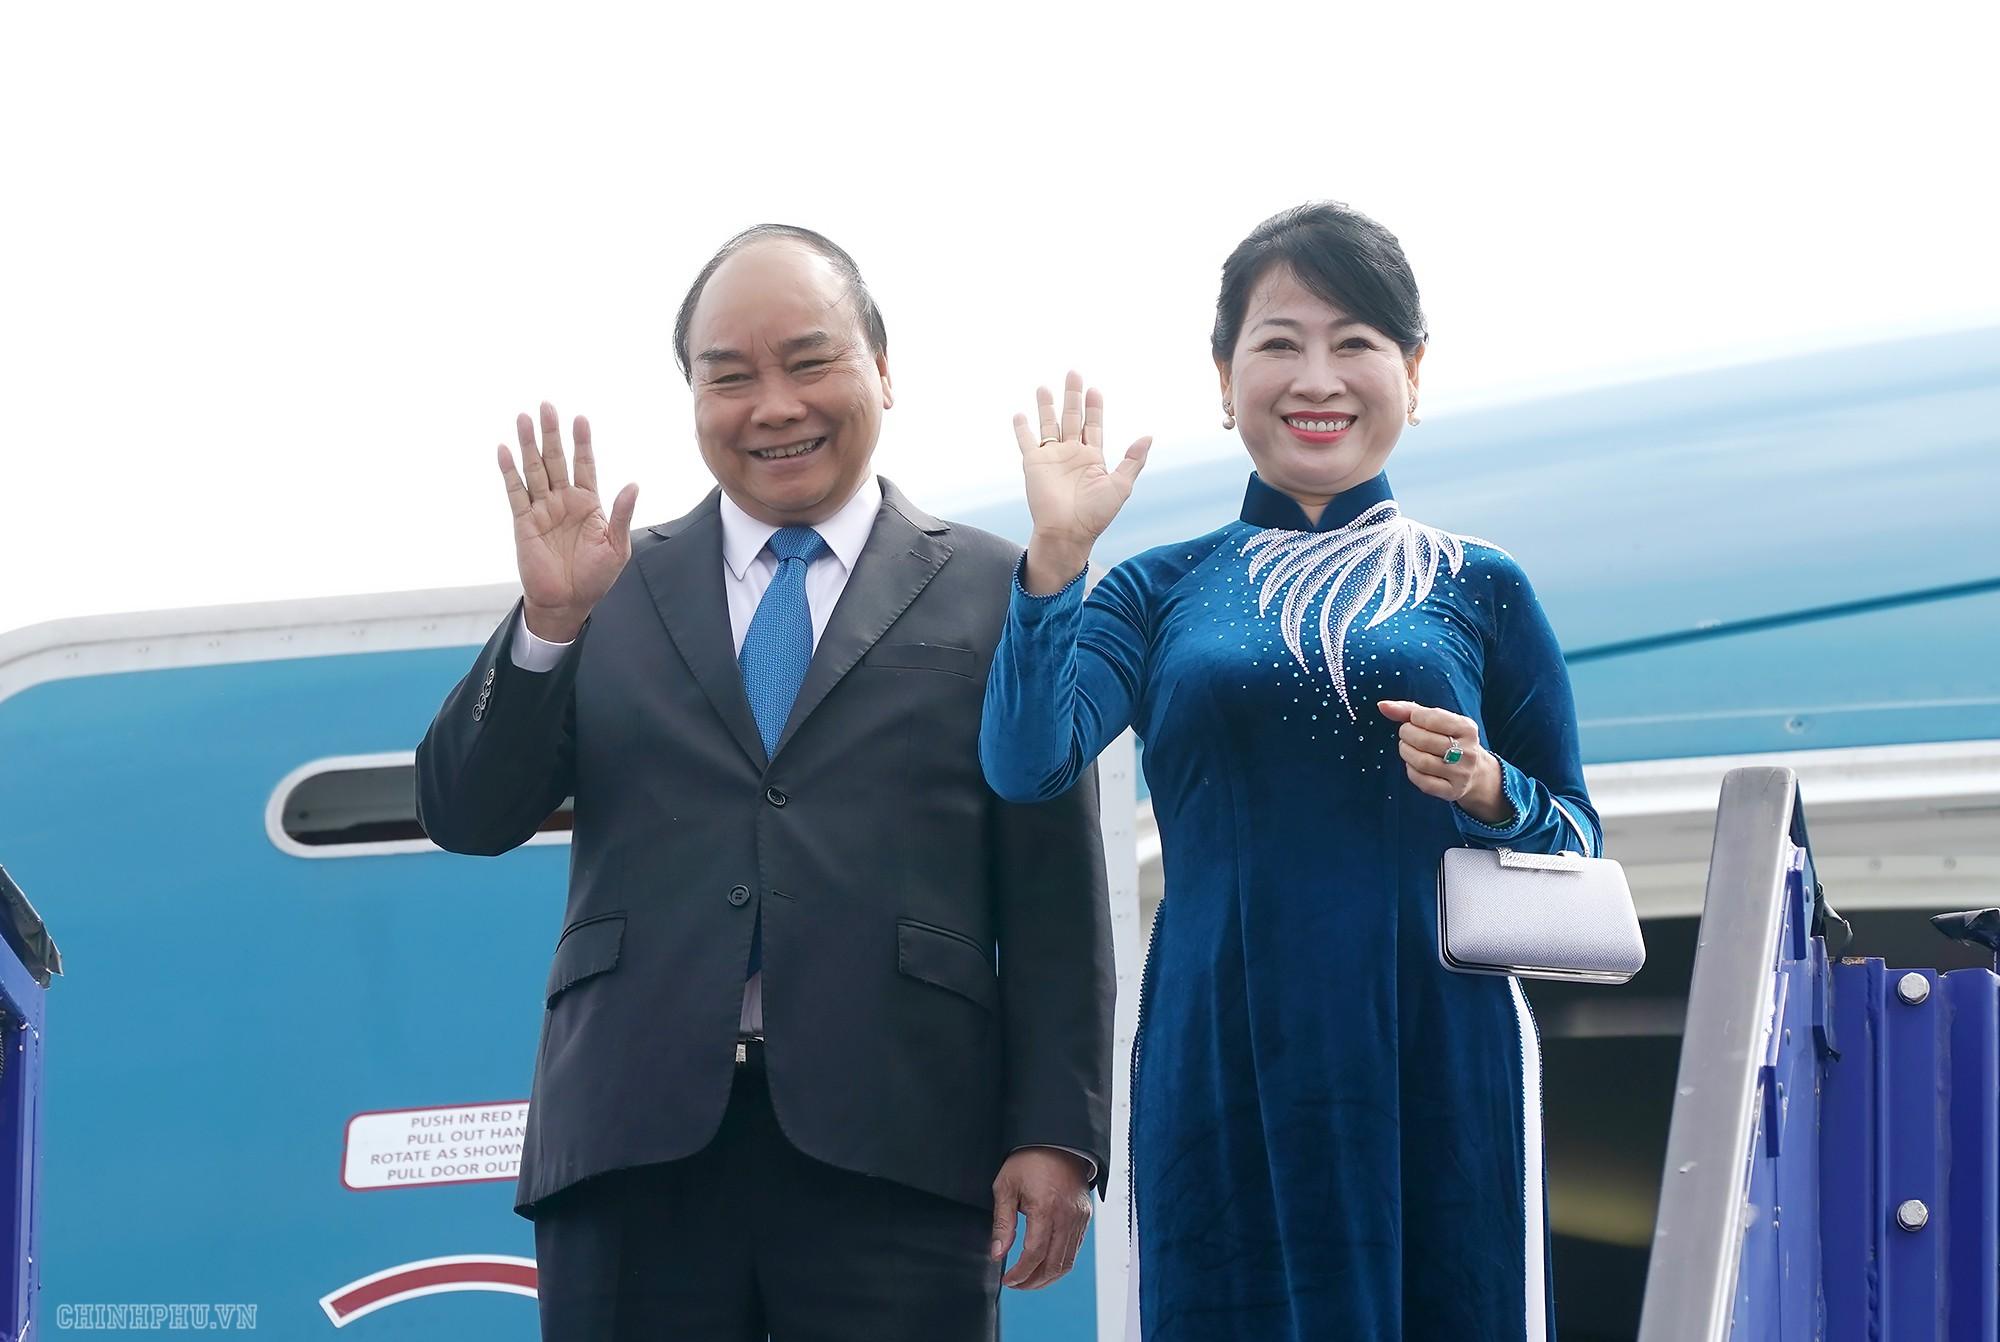 Thủ tướng đến Stockholm, bắt đầu thăm chính thức Thụy Điển - Ảnh 1.